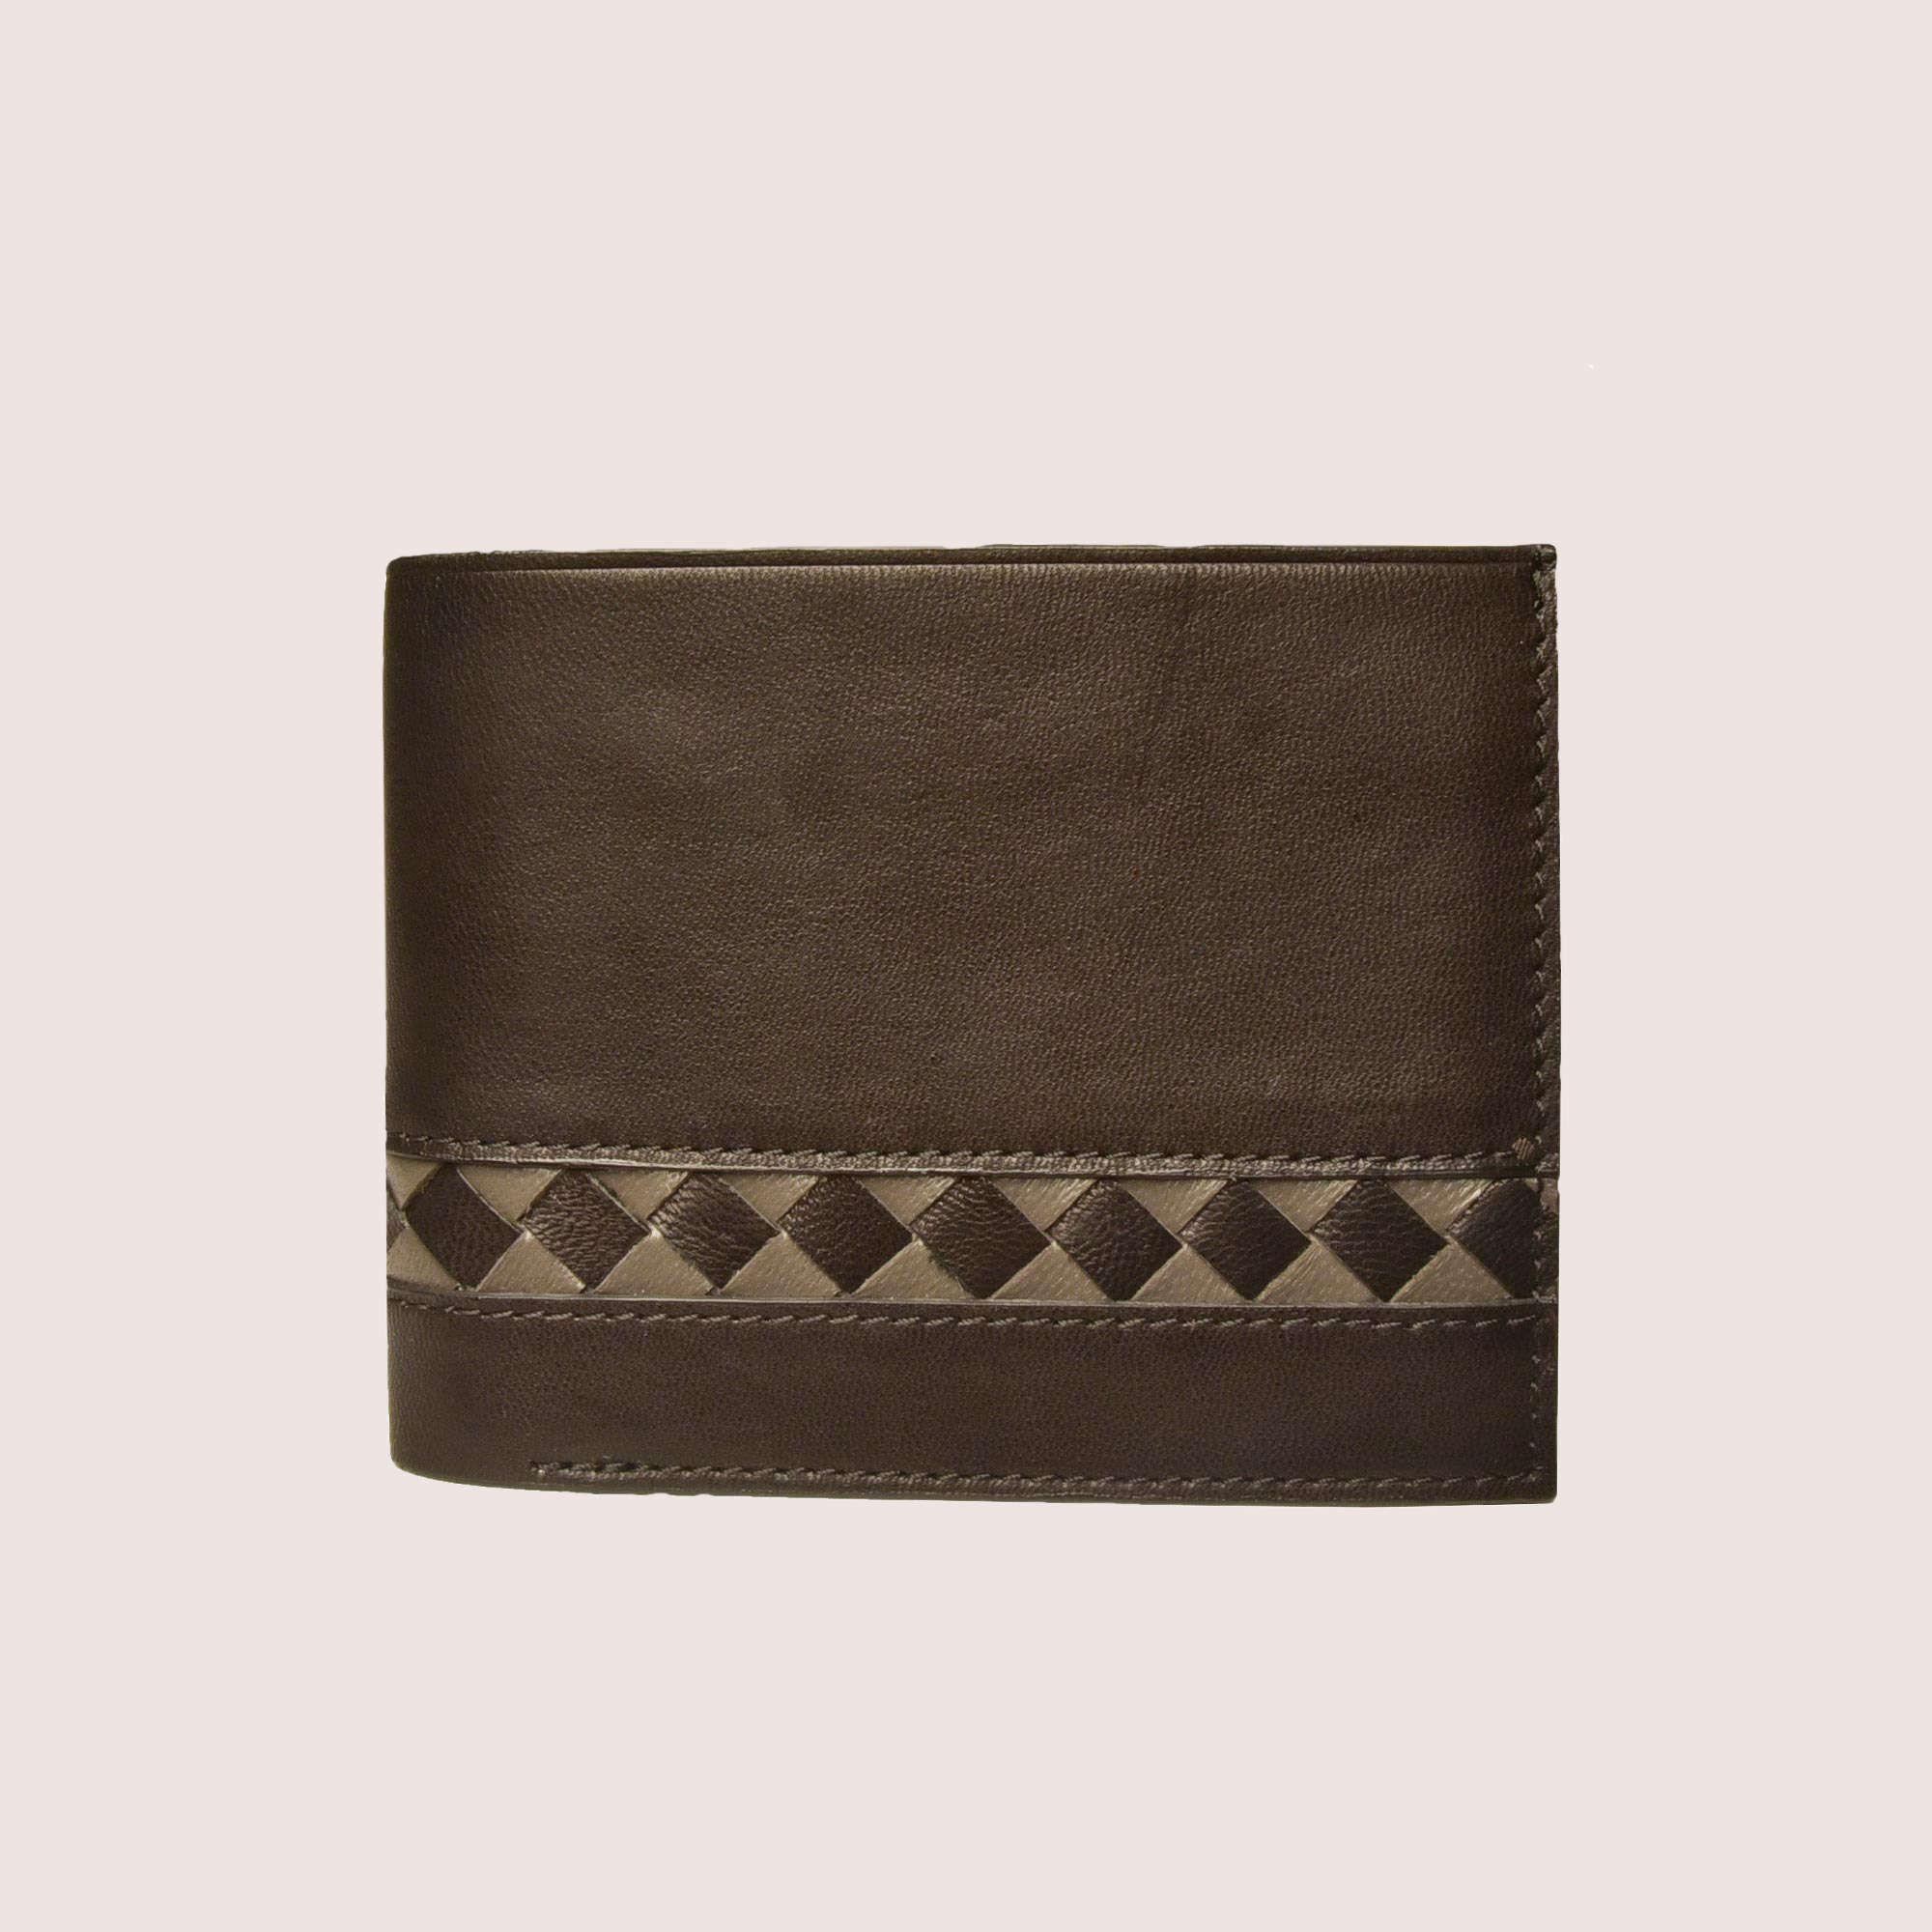 Walker Hand-Stitched Wallet